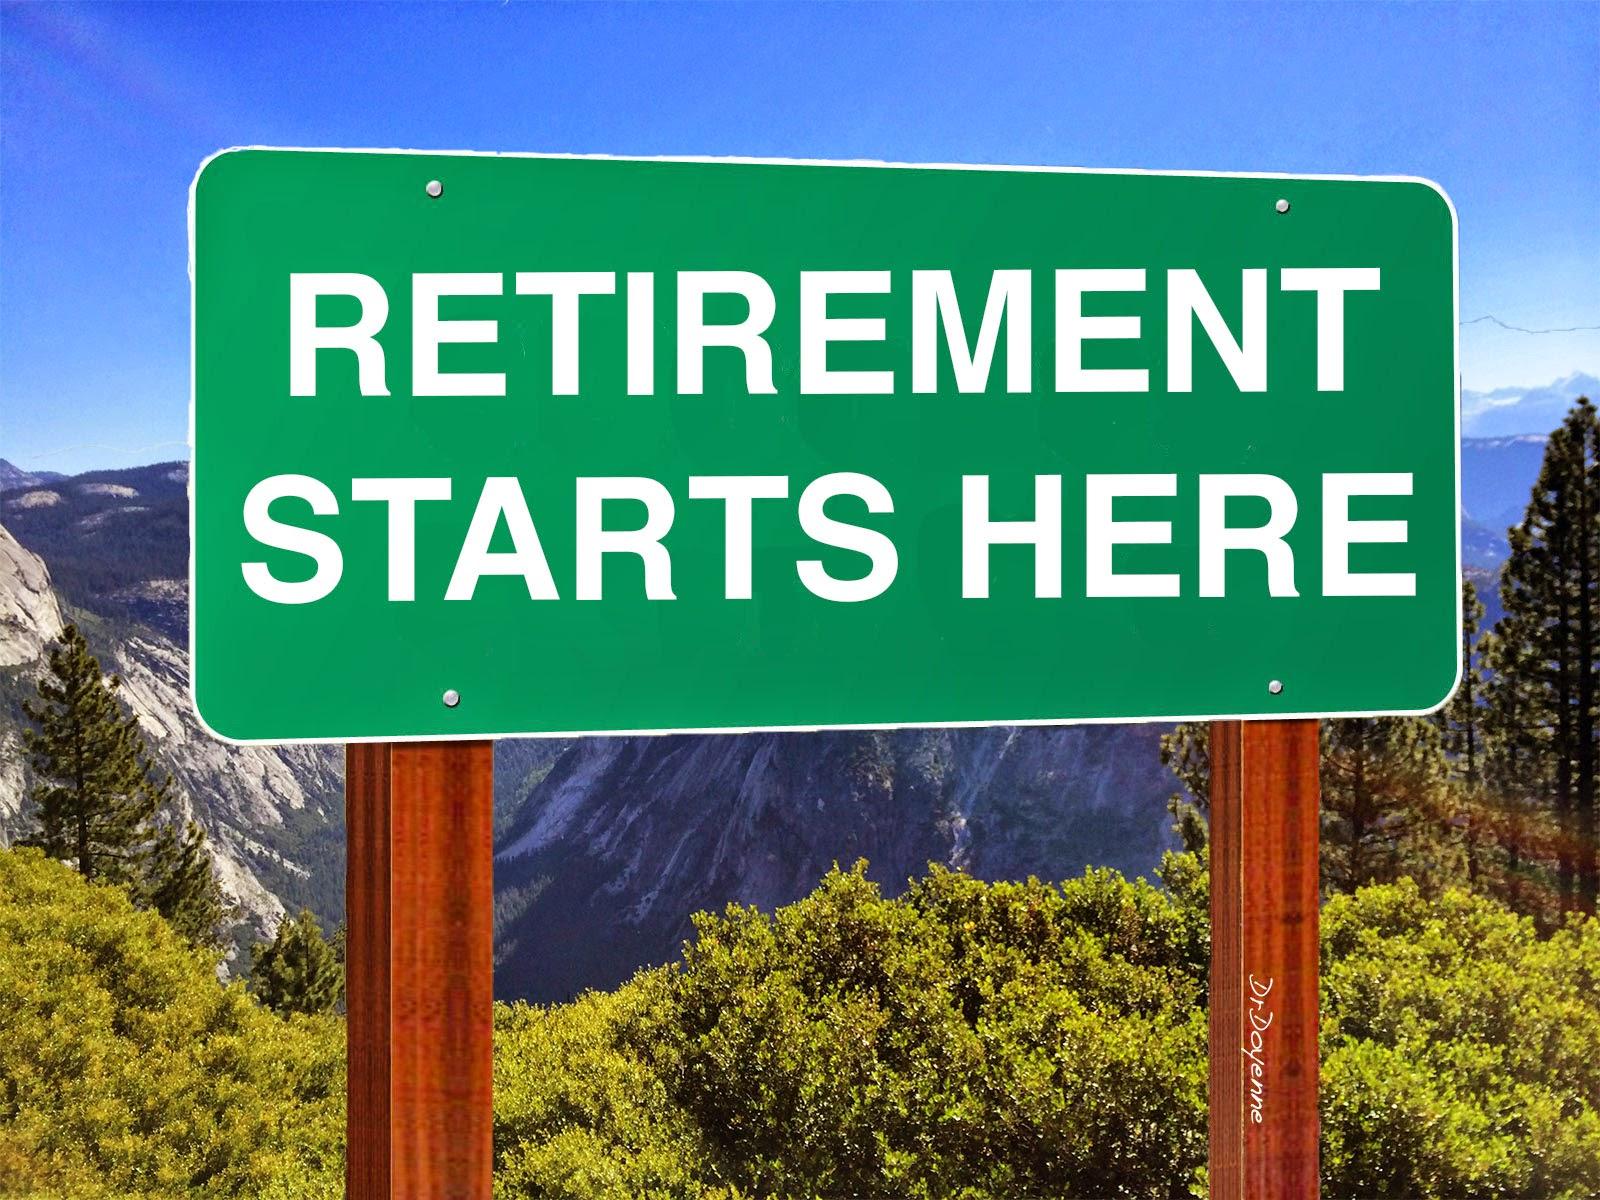 Retirement Quotes: The Singular Scientist